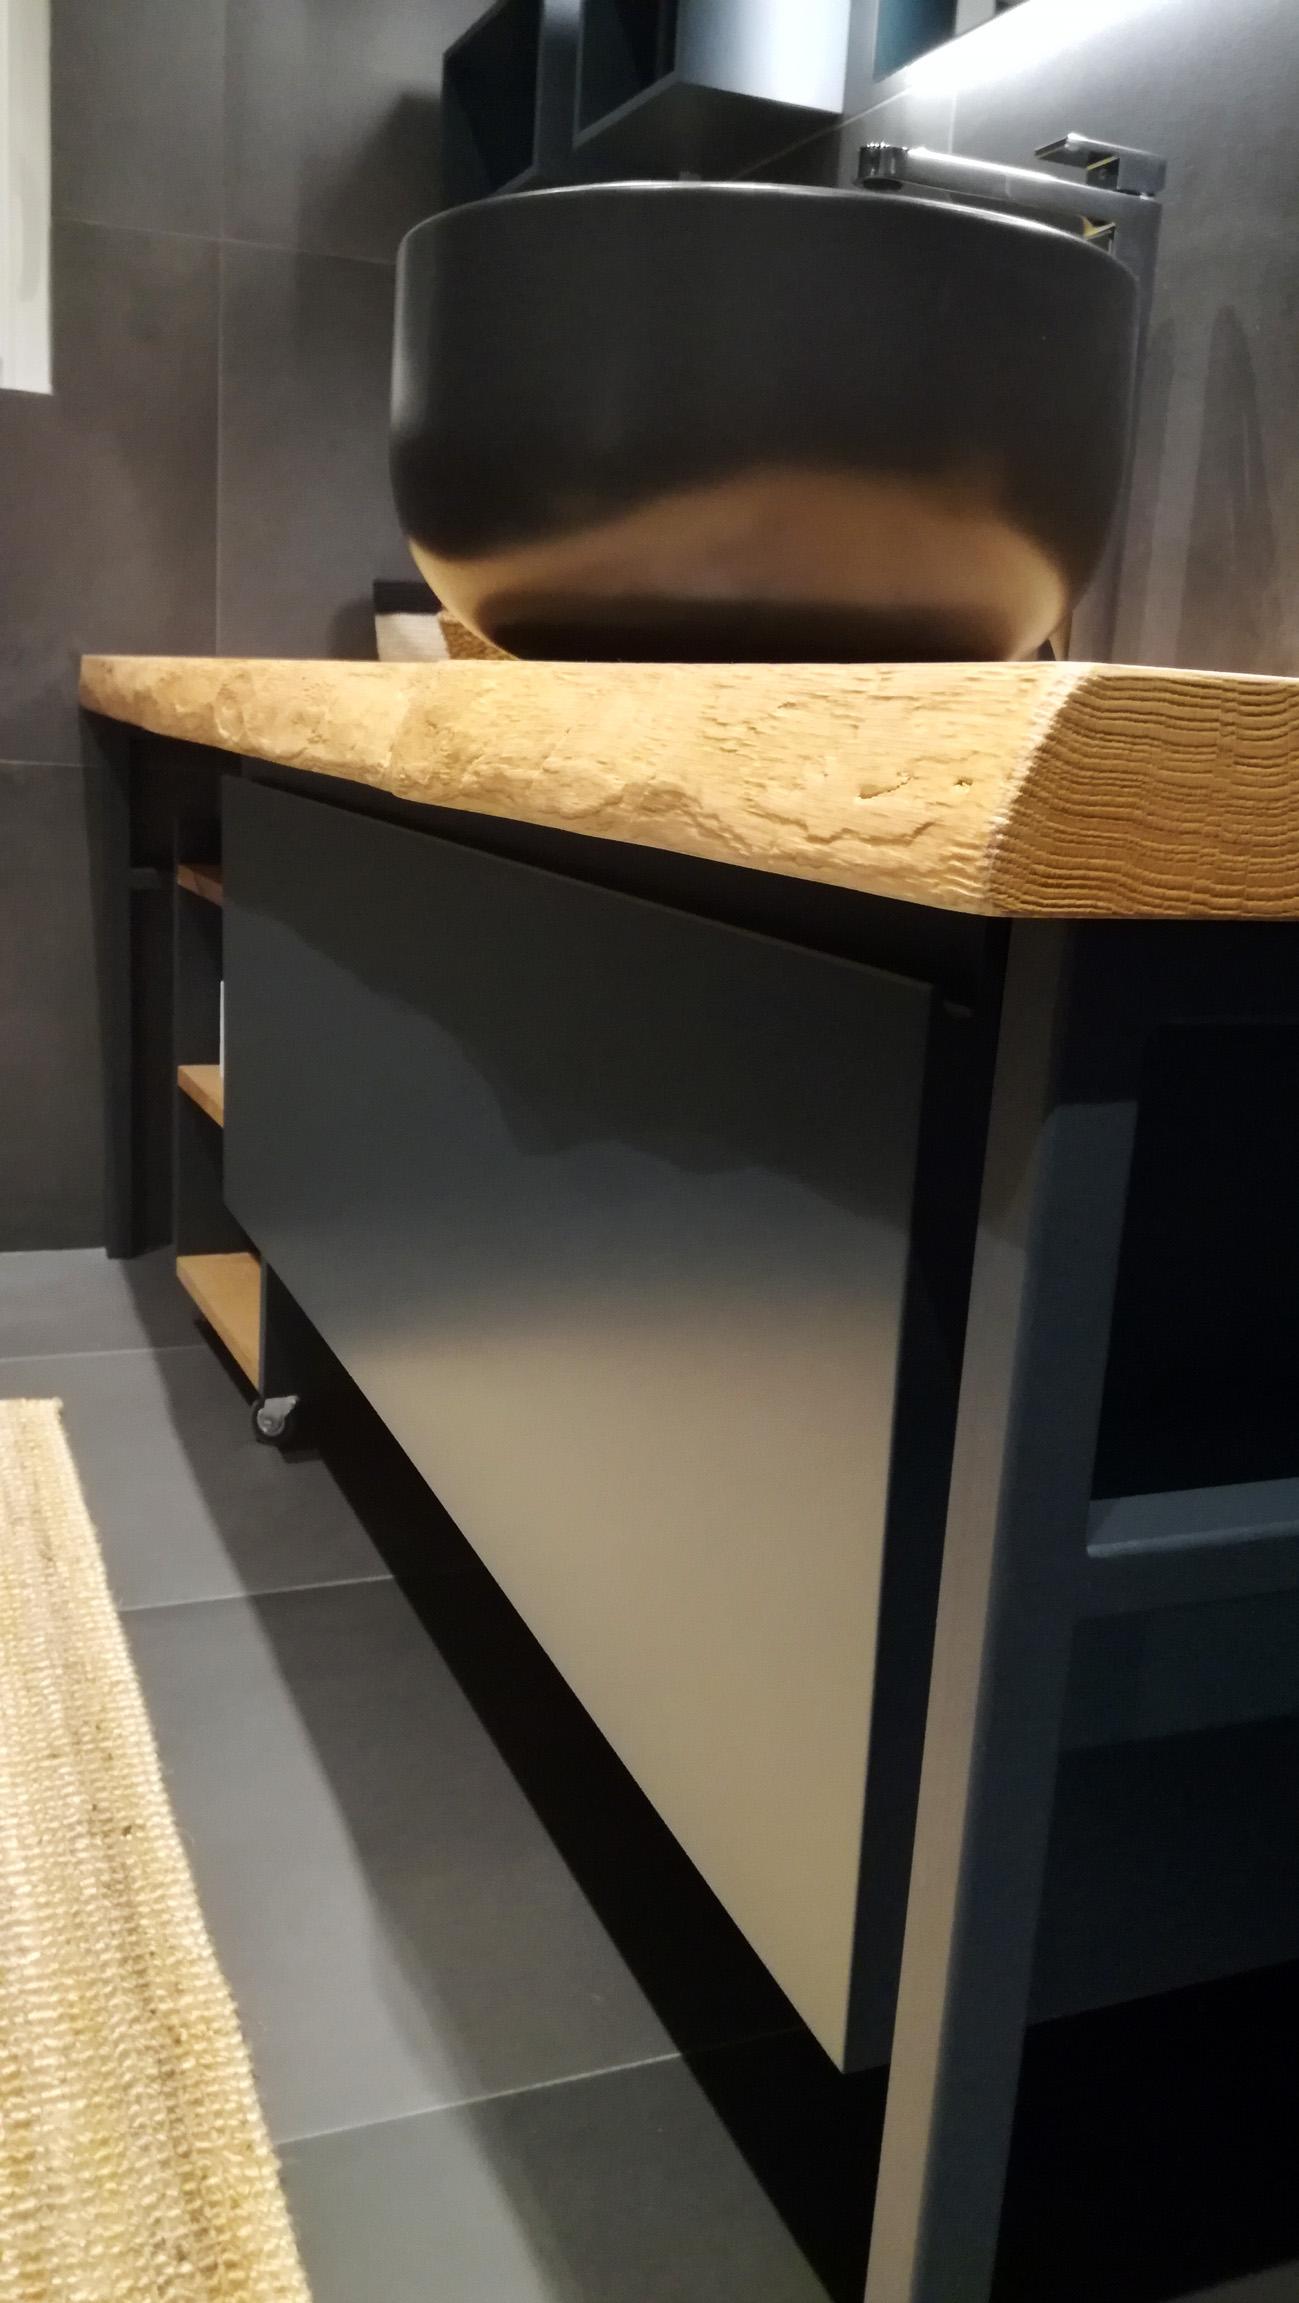 Mobile bagno industrial black con pianale in legno - Sottolavello bagno ...